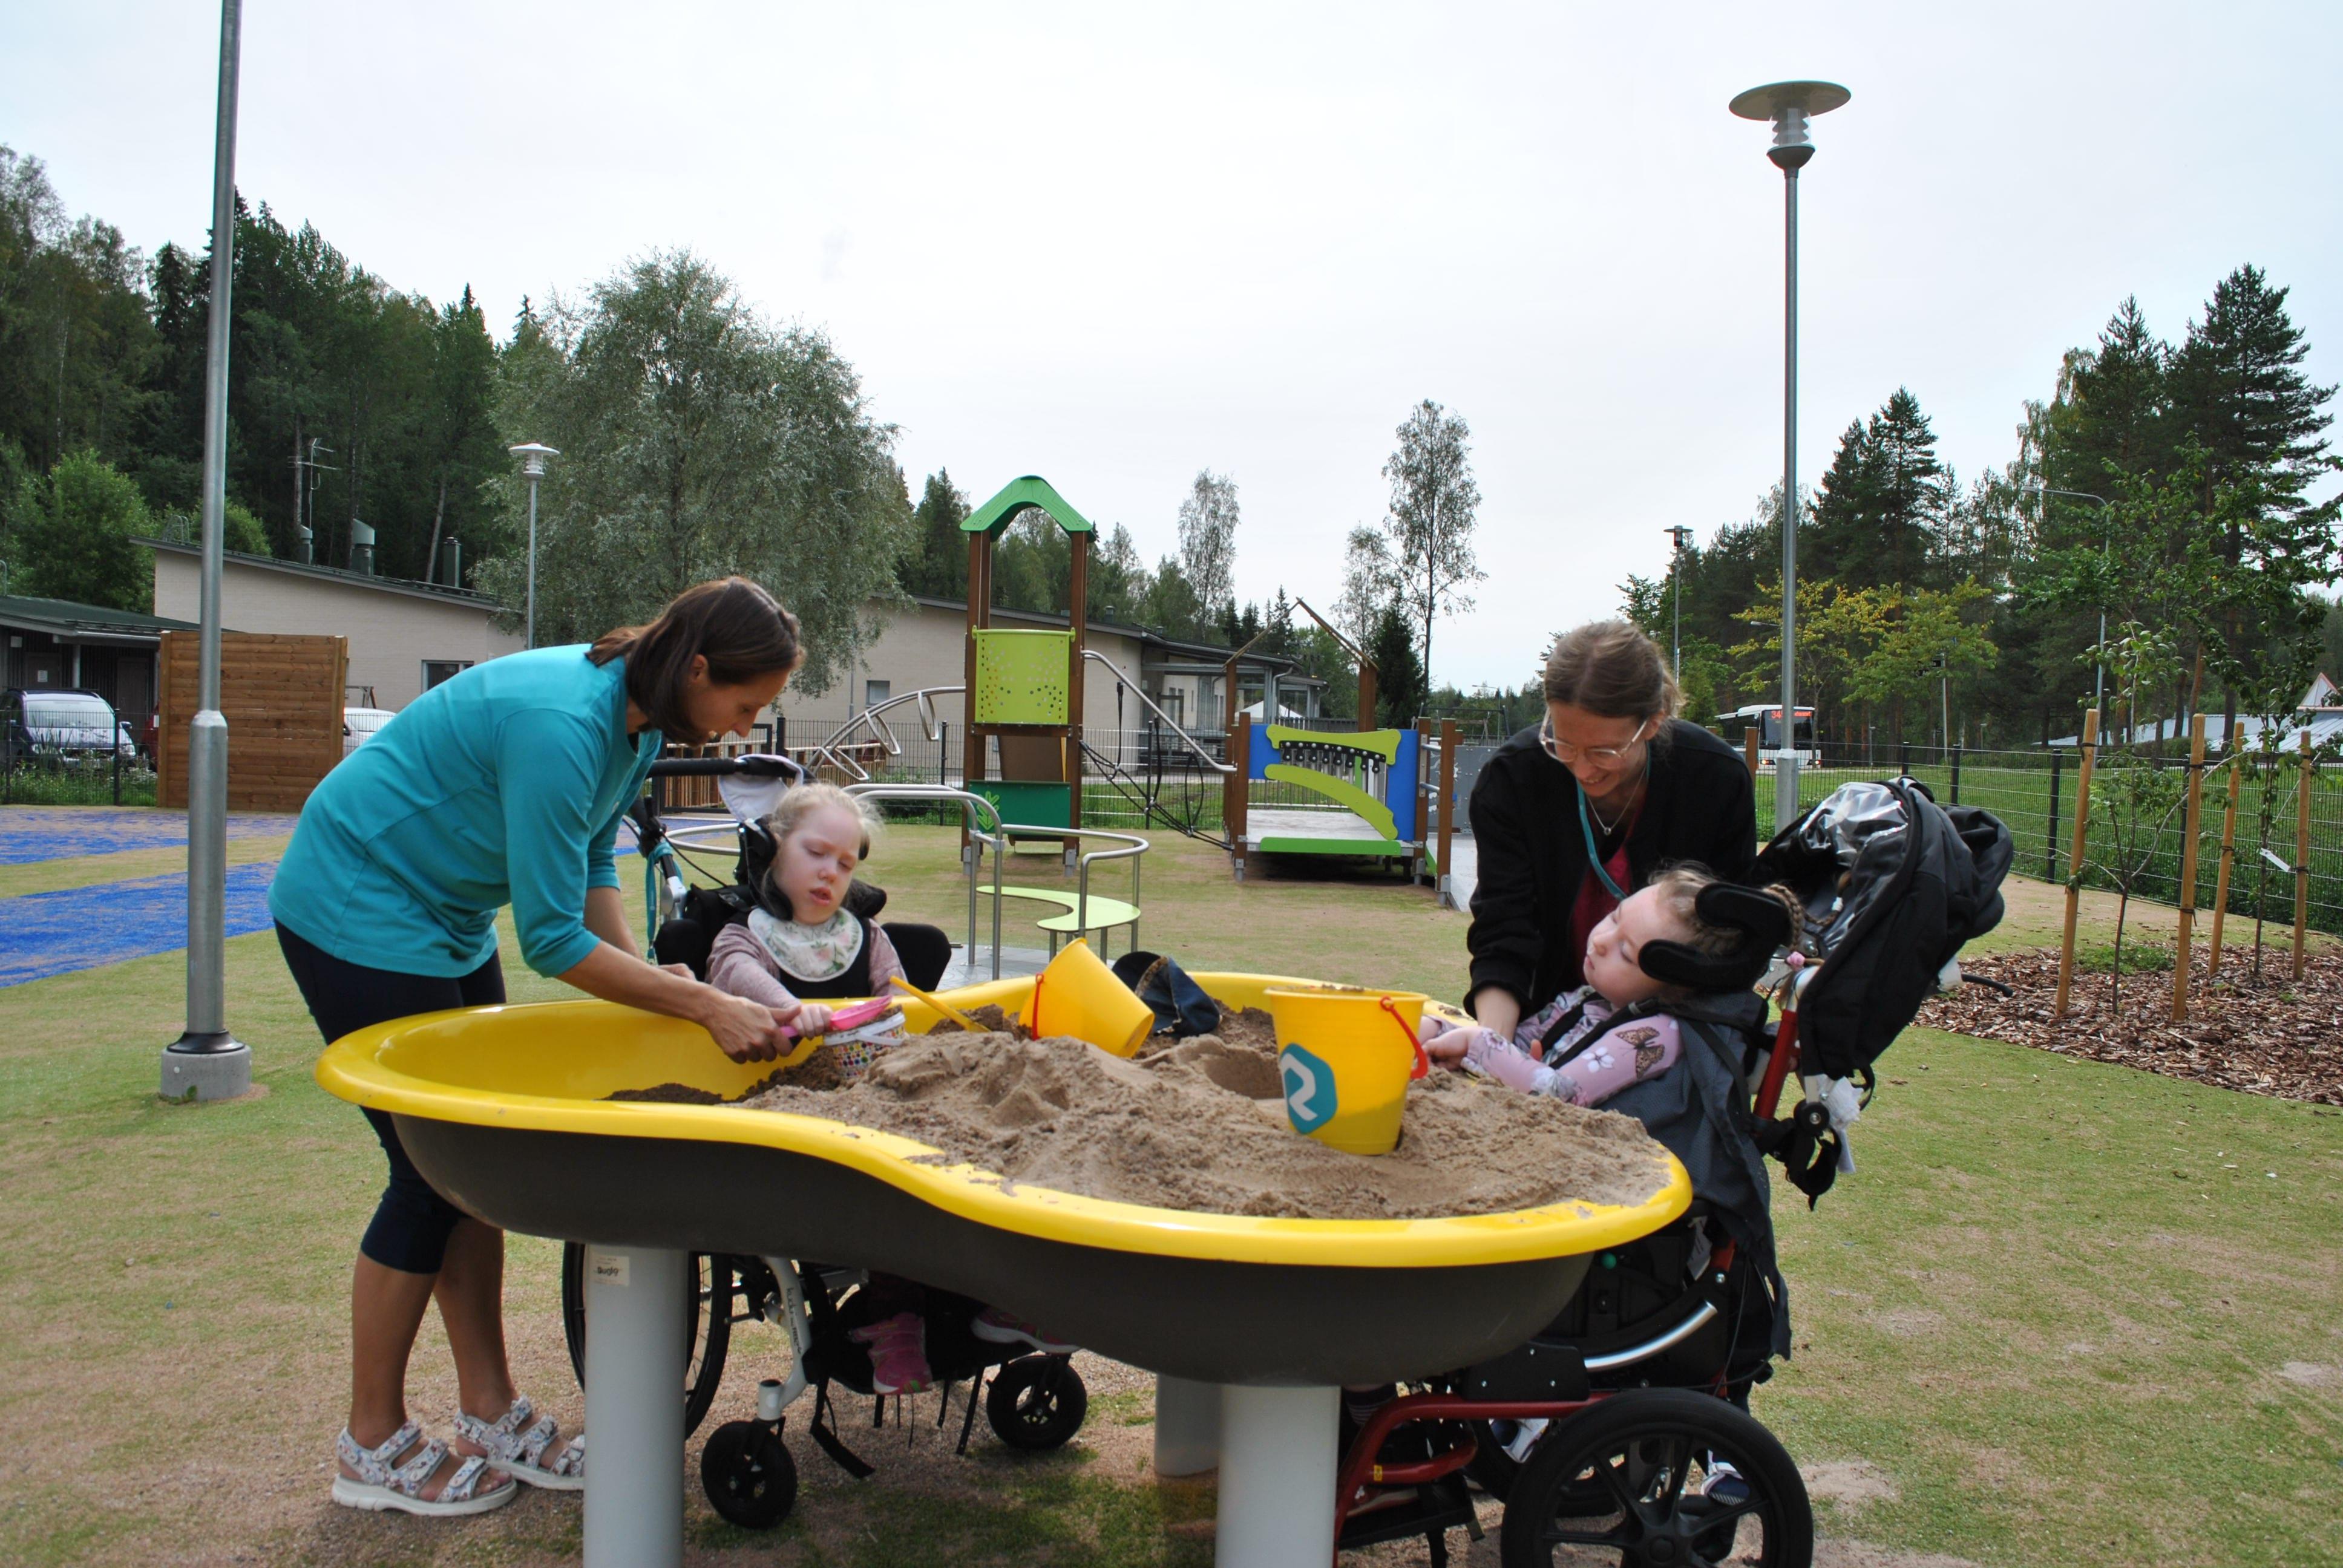 Kaksi kehitysvammaista lasta ja ohjaajat leikkivät esteettömällä hiekkalaatikolla ämpäreiden ja lapioiden kanssa